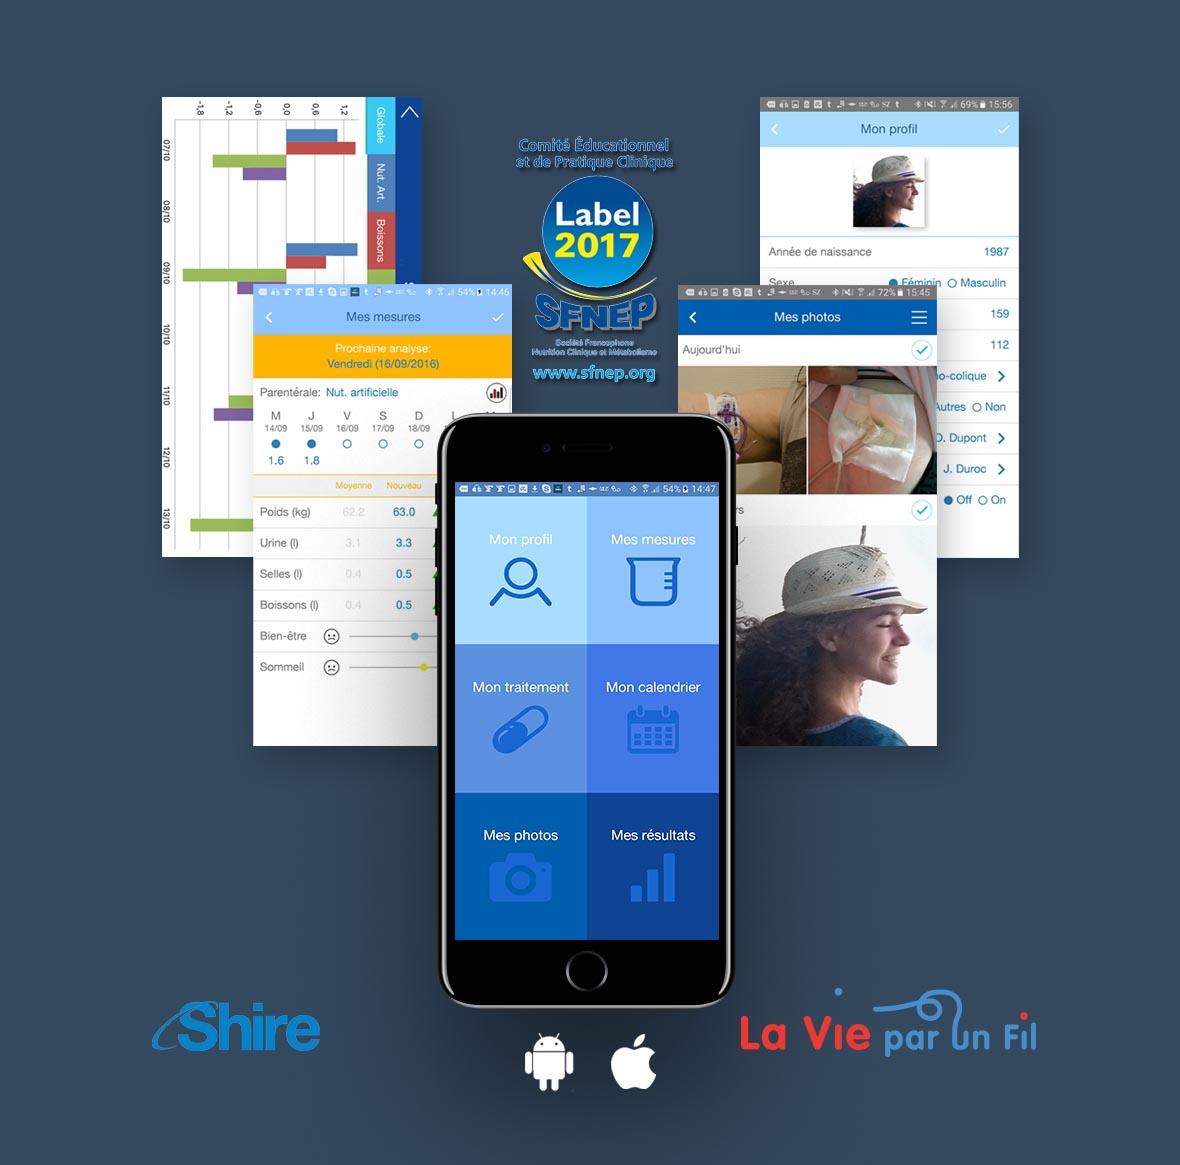 Plus d'information sur l'app